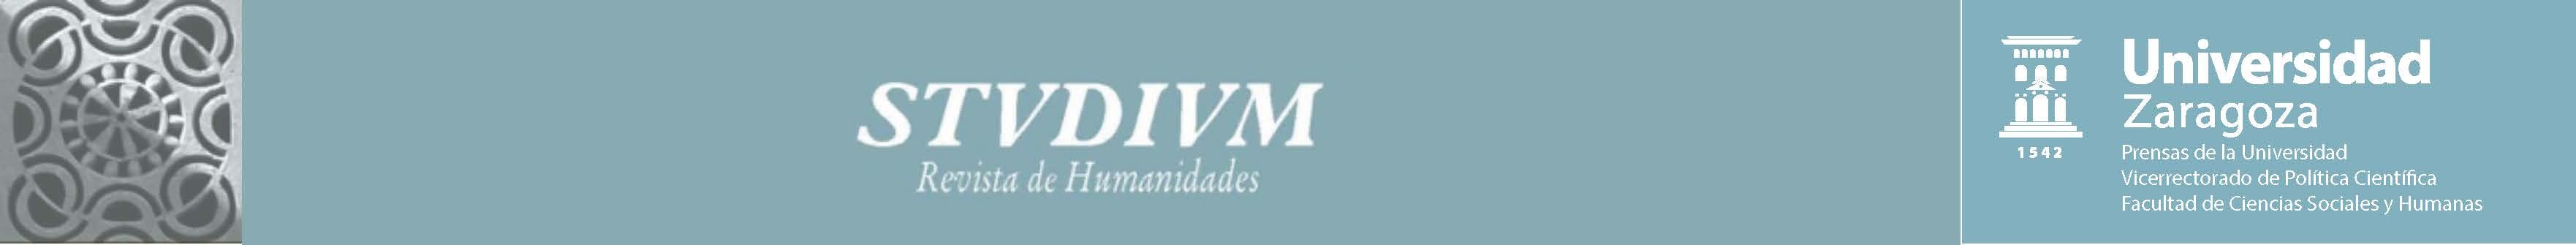 Studium. Revista de Humanidades (Prensas de la Universidad de Zaragoza)